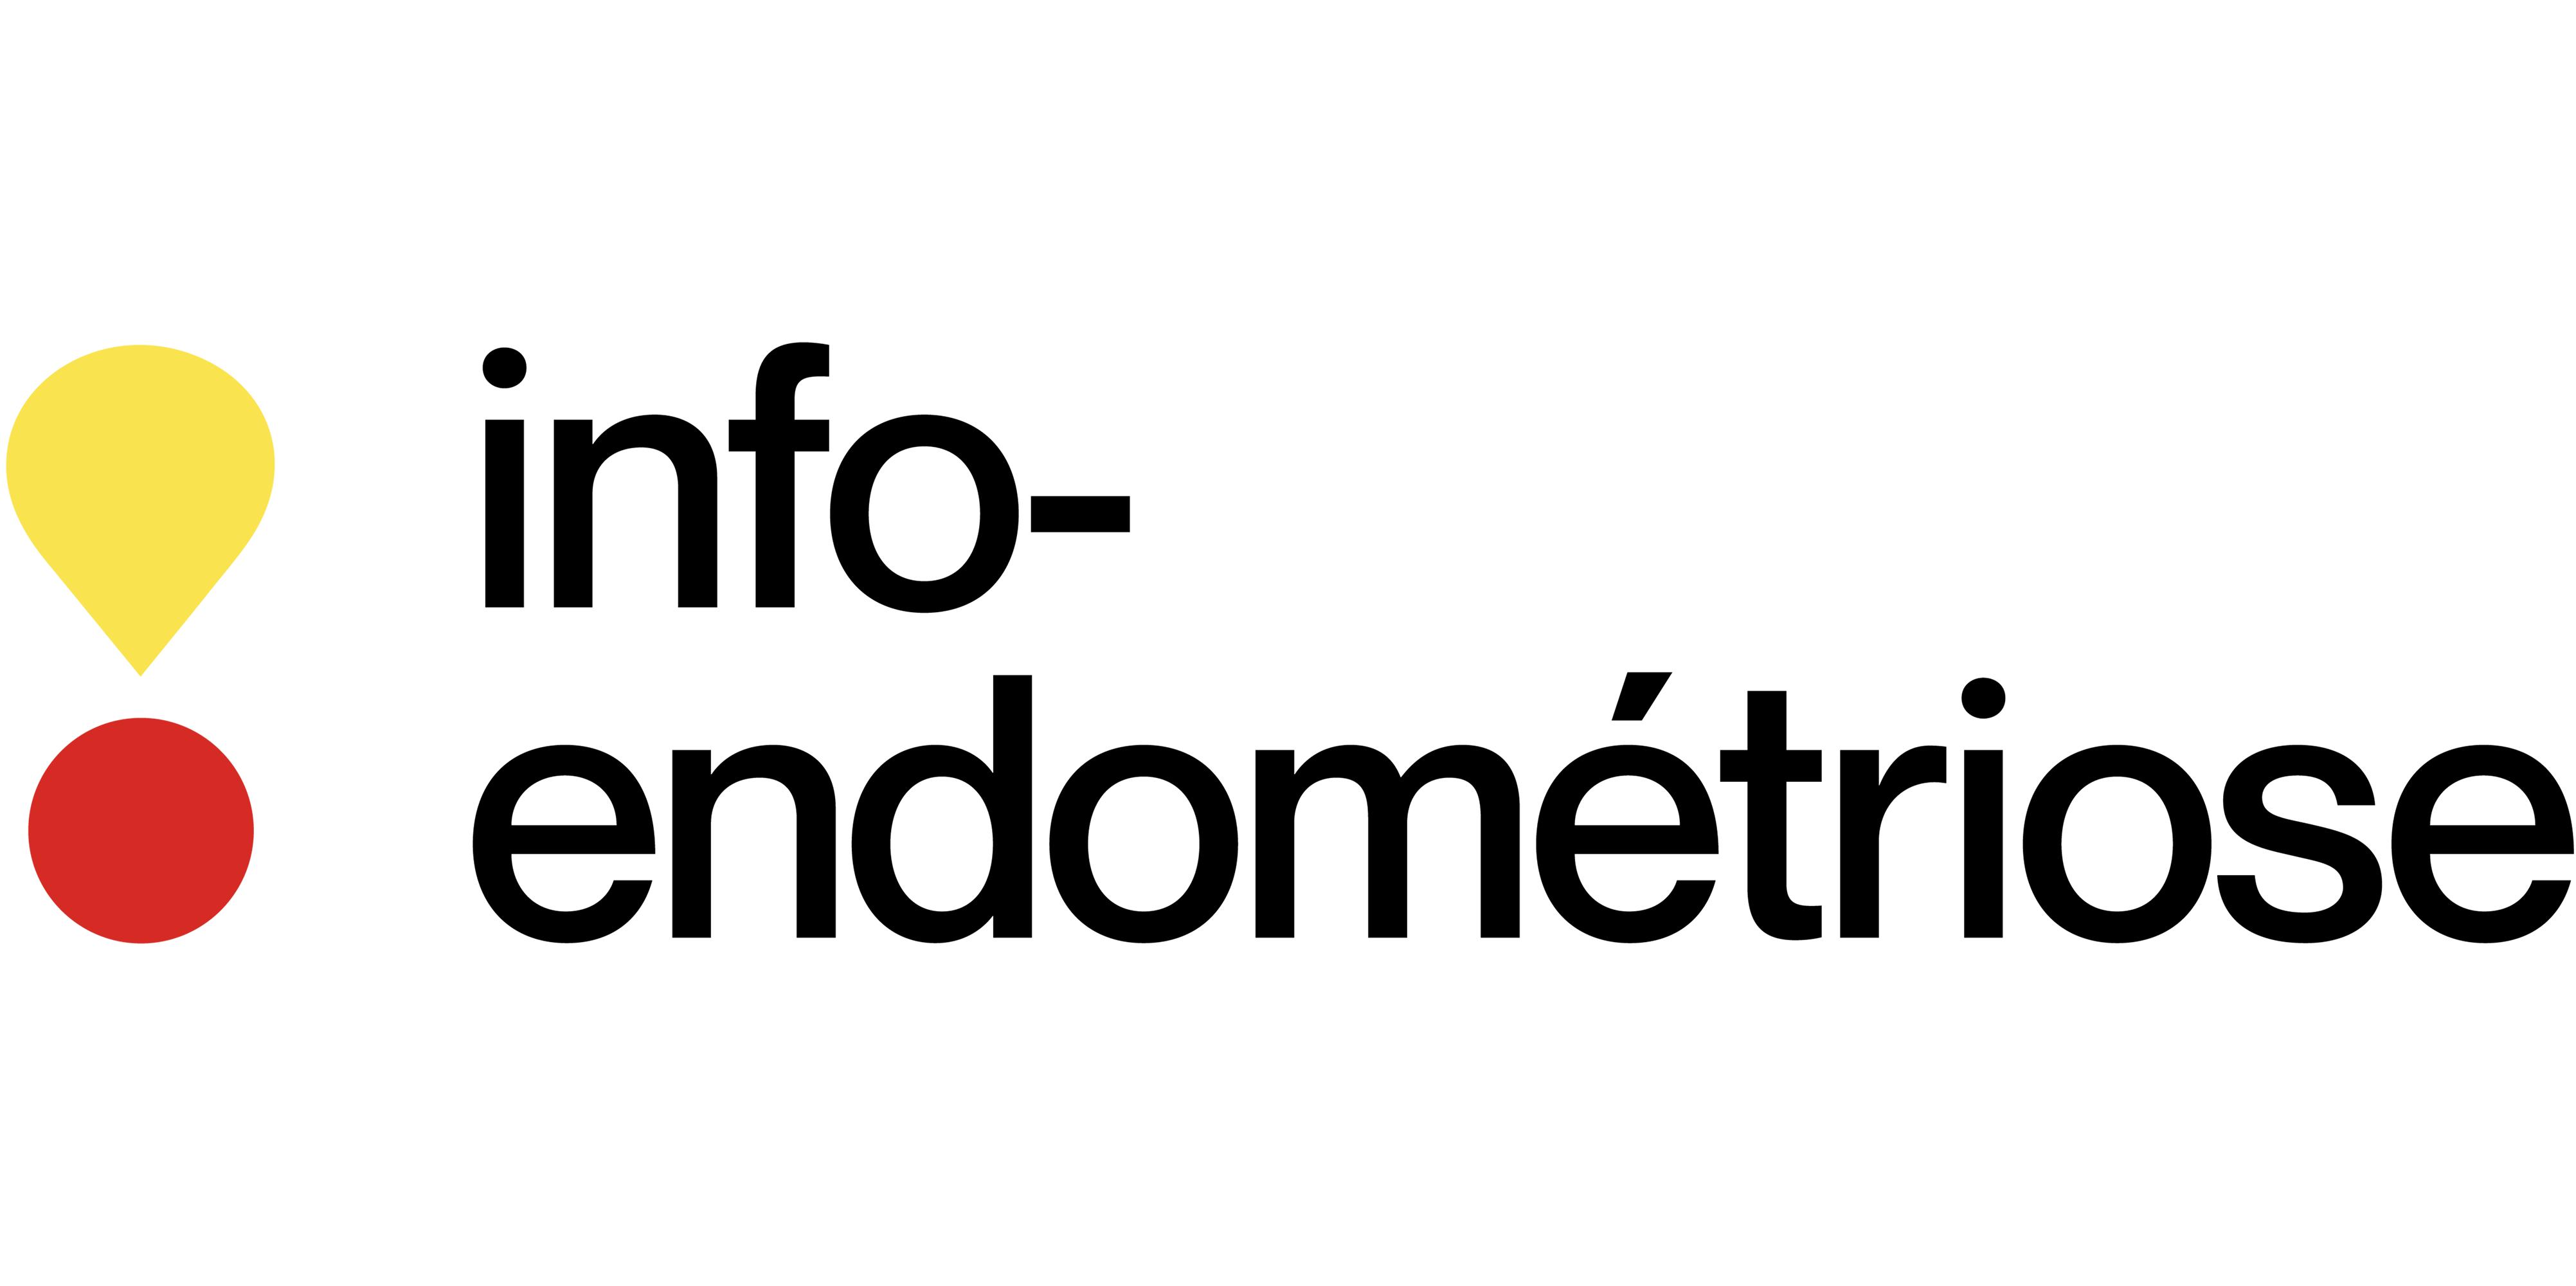 Association endométriose info-endométriose